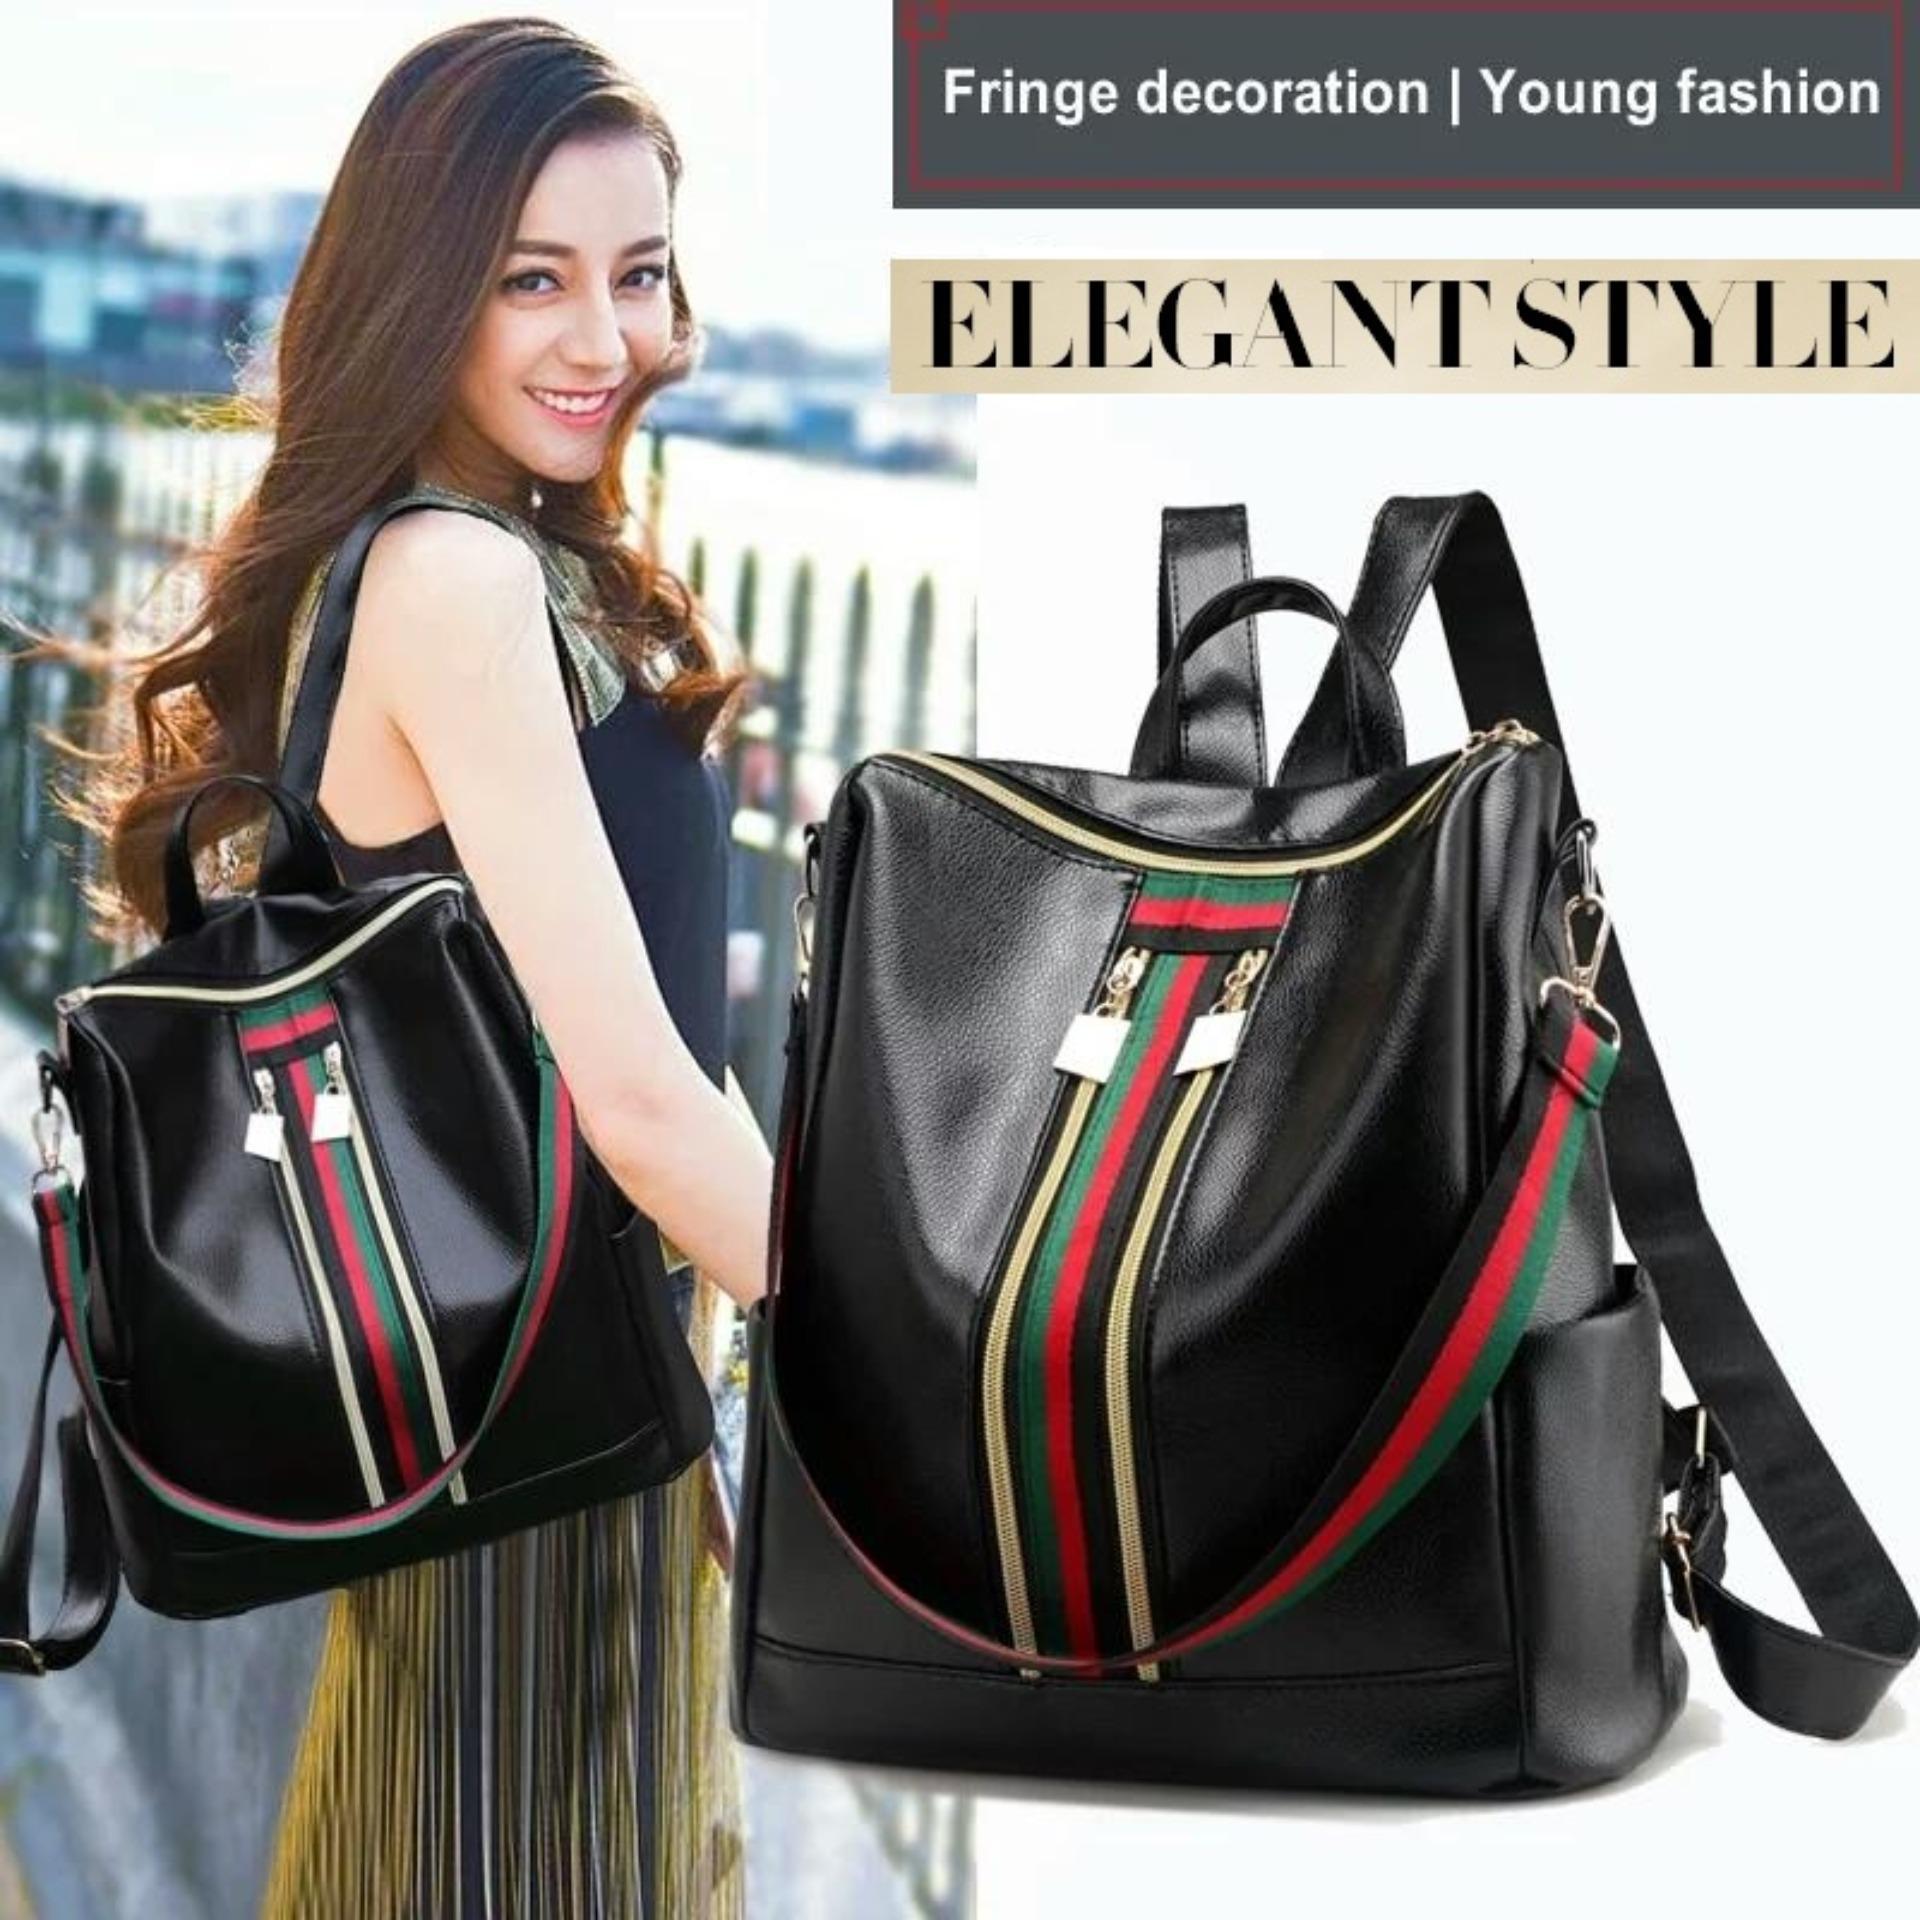 JCF Tas Ransel 3in1 Kulit PU Import Korean Style Bagus Fashion Branded Wanita Remaja Dan Dewasa Taobao - Kezia Black